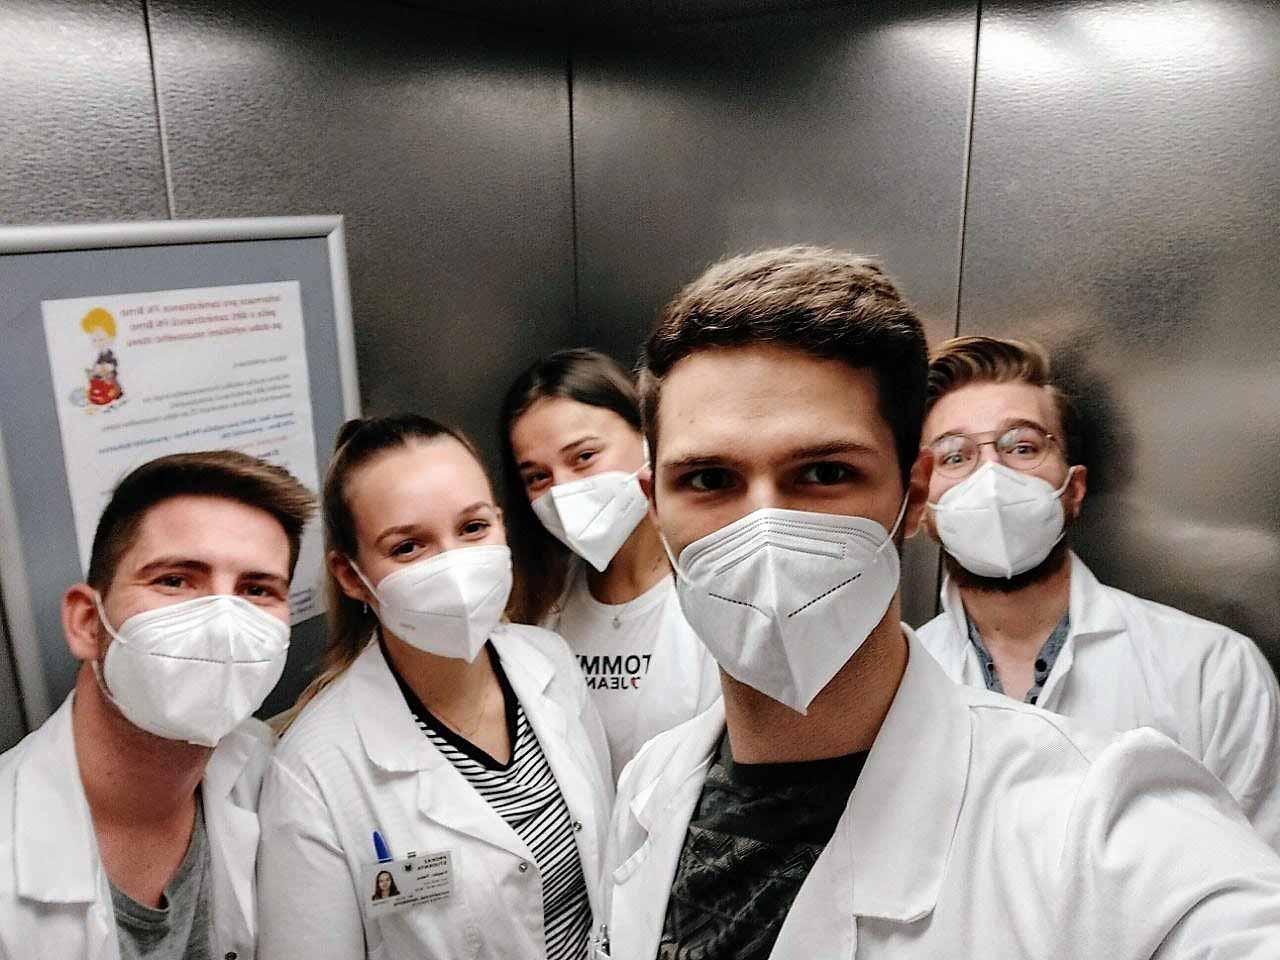 David und seine Kommilitonen in der Klinik in Brünn